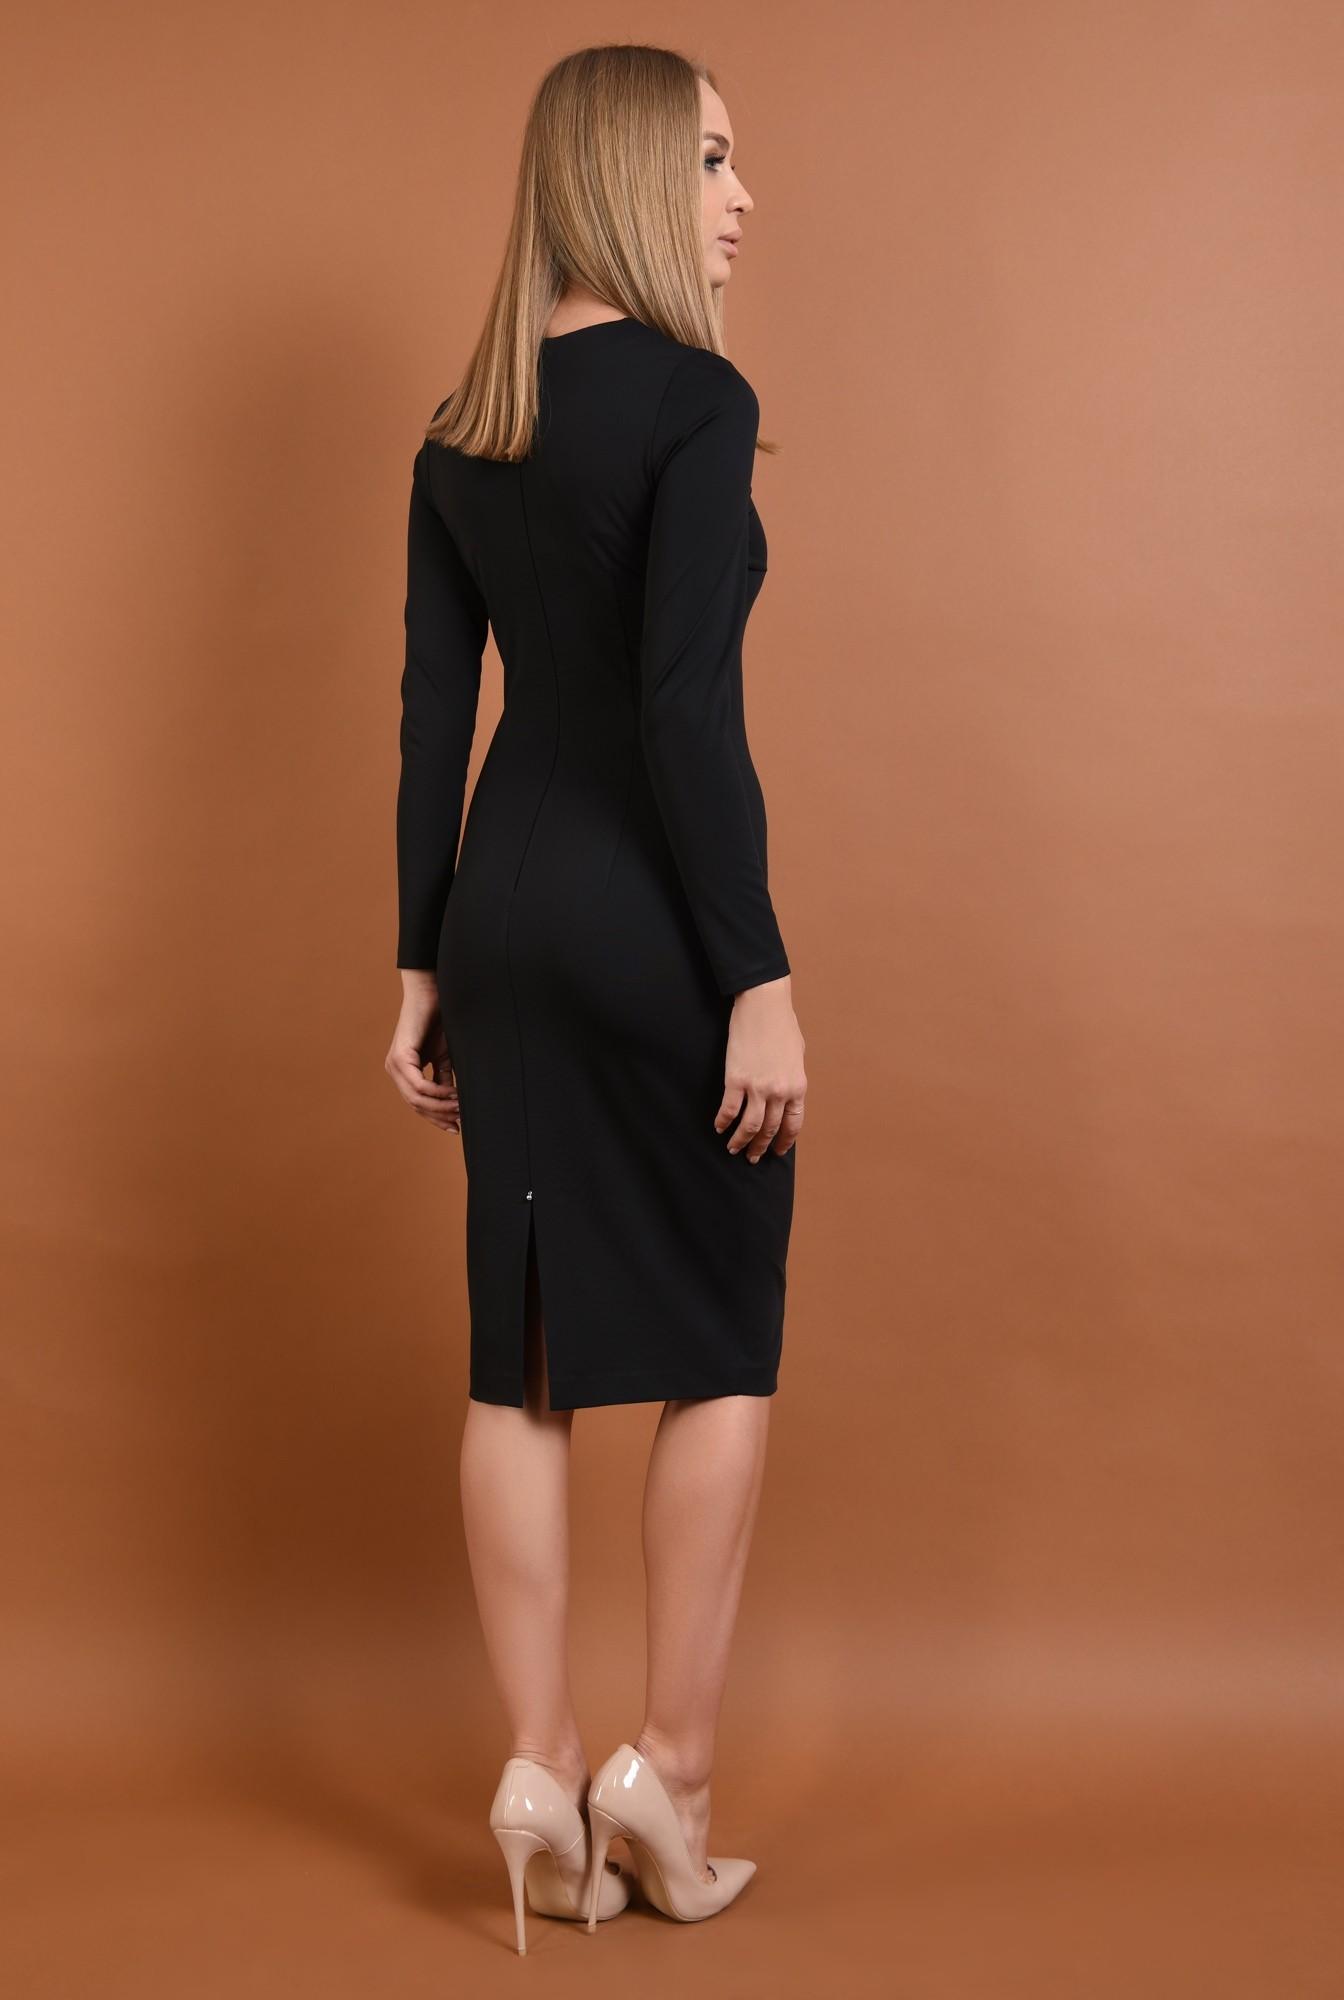 1 - 360 - rochie casual, neagra, conica, midi